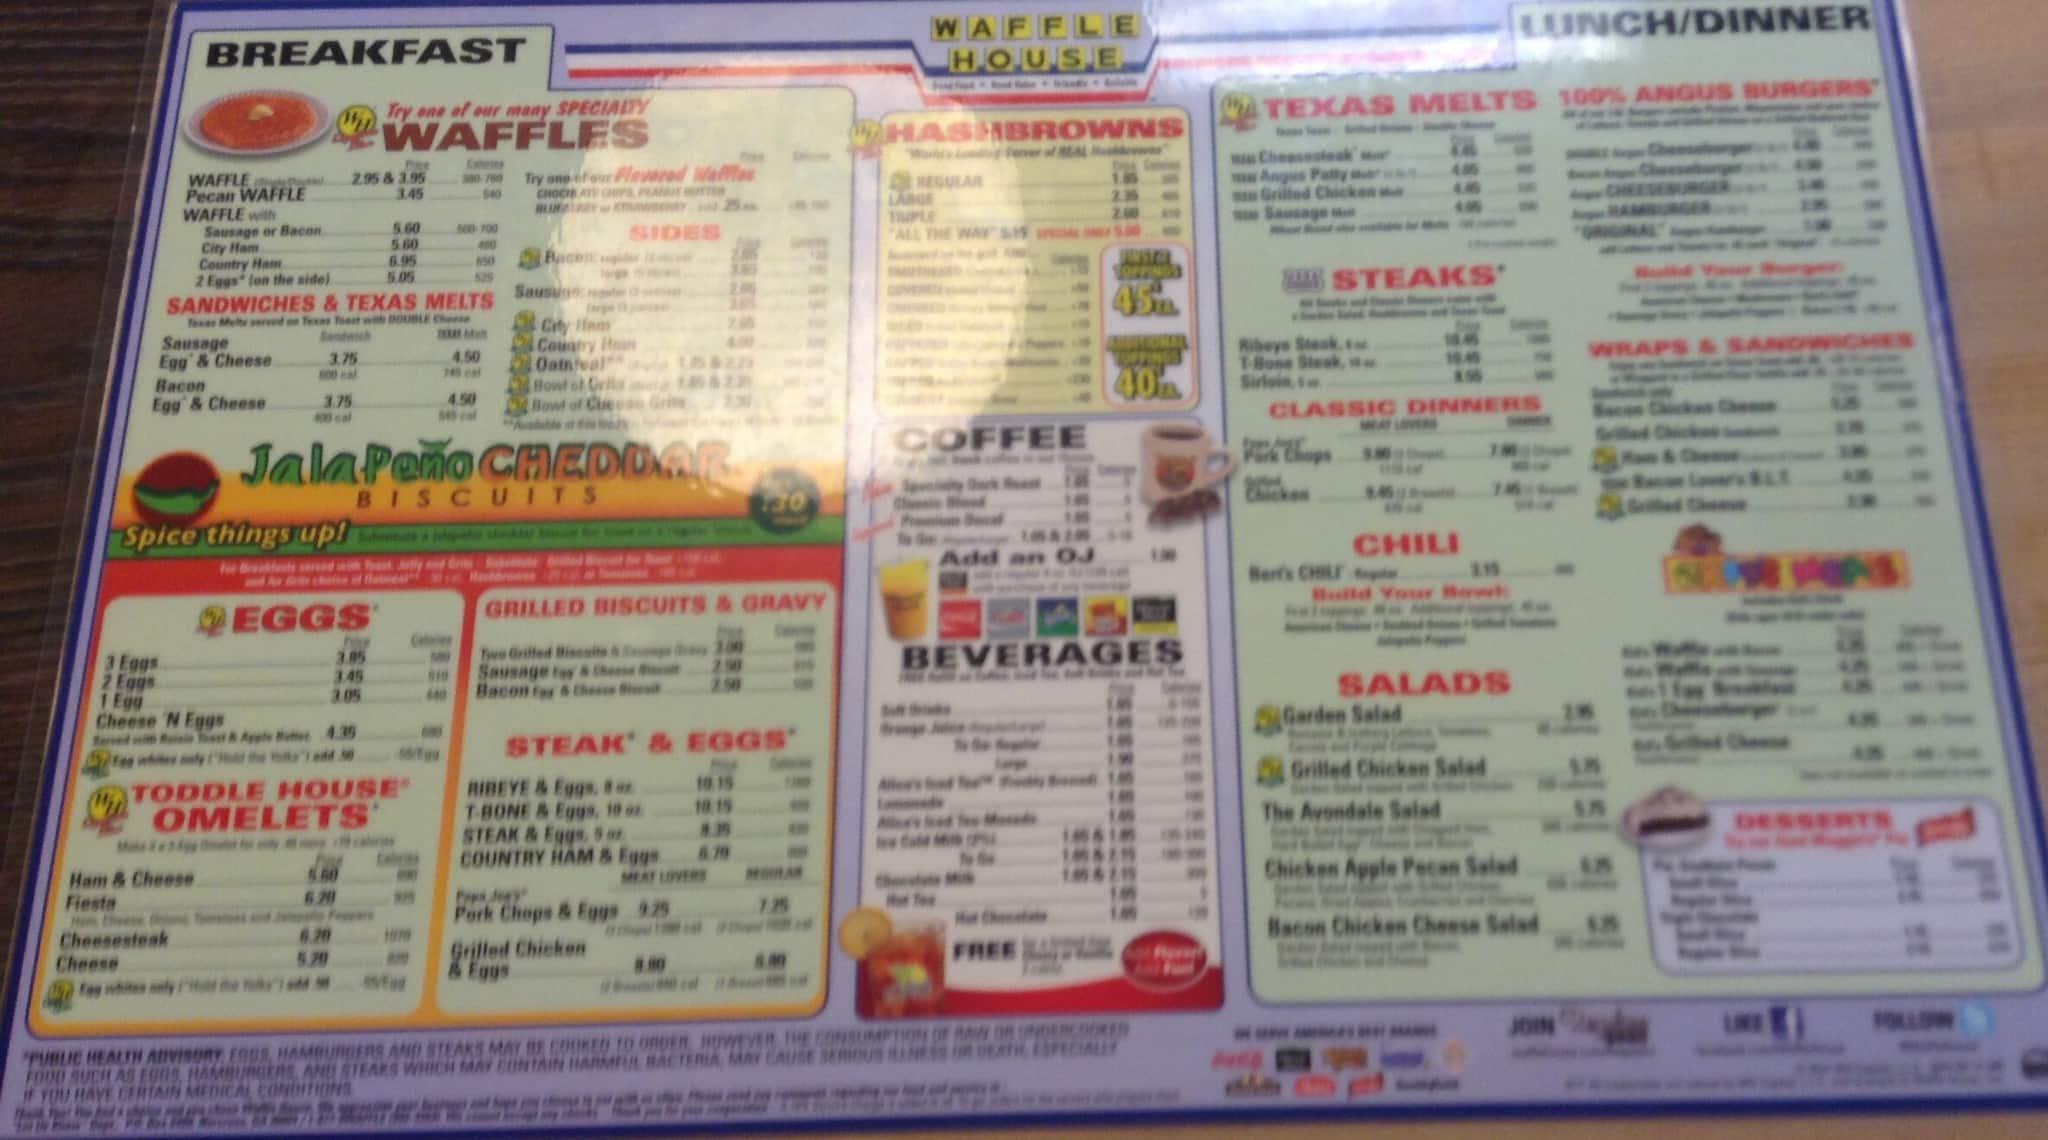 Waffle House Menu Menu for Waffle House Winston Salem Piedmont